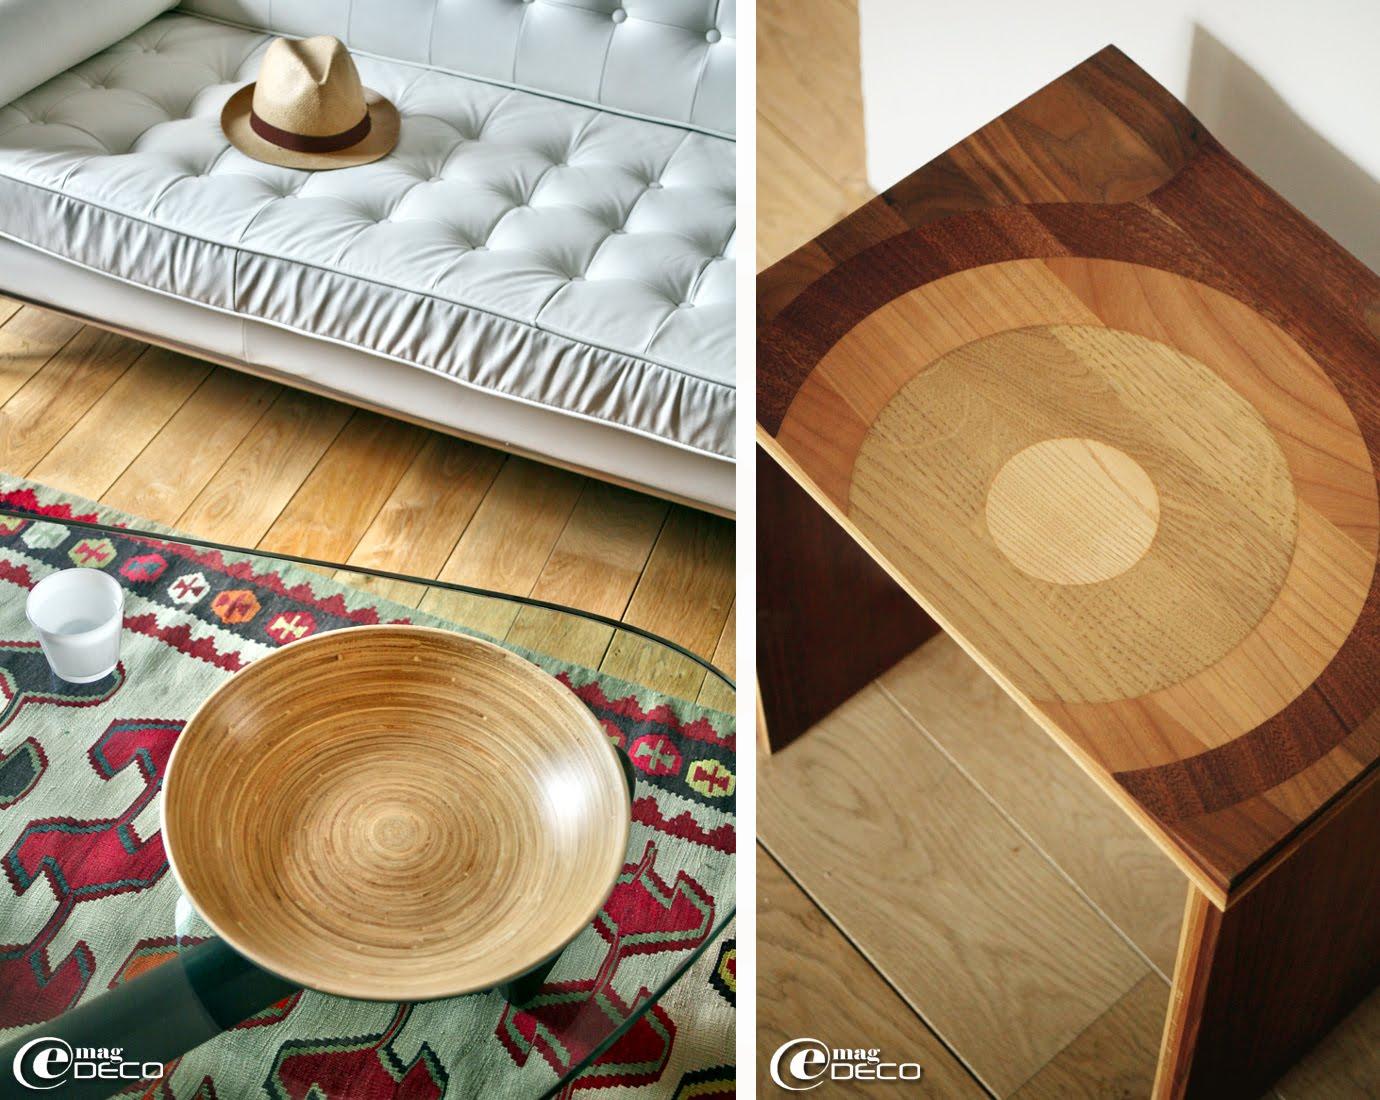 Plat en bambou posé sur une table basse du designer Isamu Noguchi